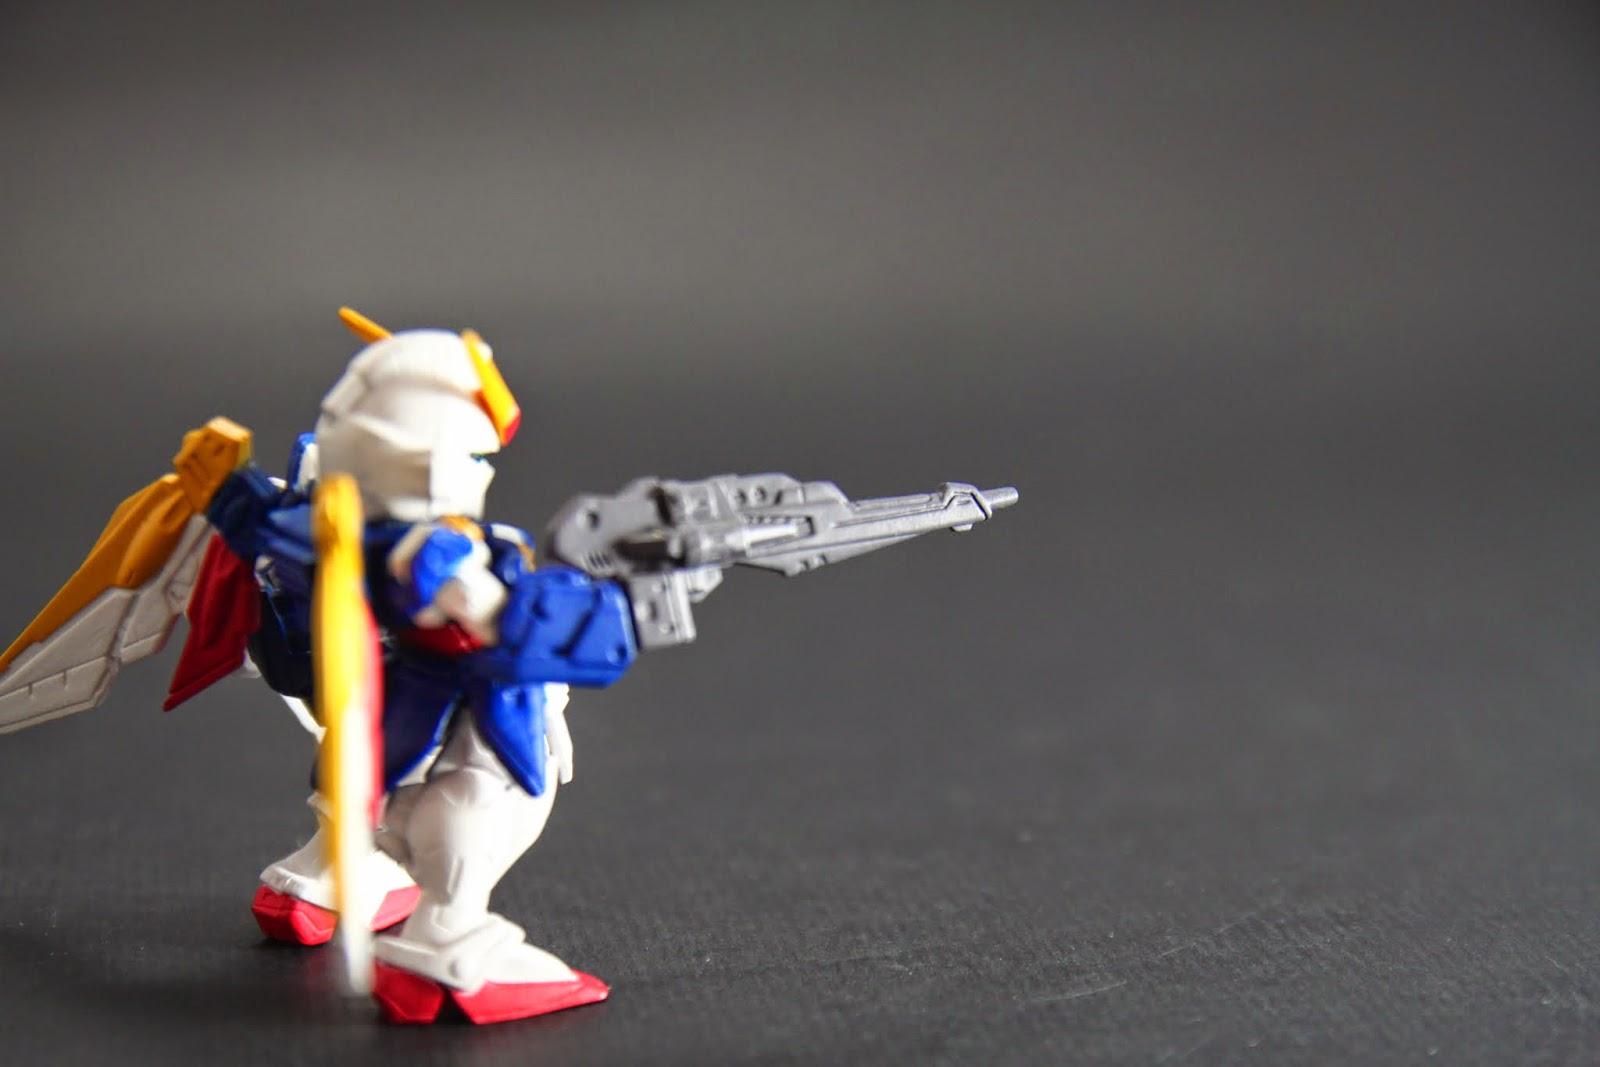 """主要武器""""巨型來福槍"""" 只有三發彈匣,但為啥劇中好像發不用錢的?"""